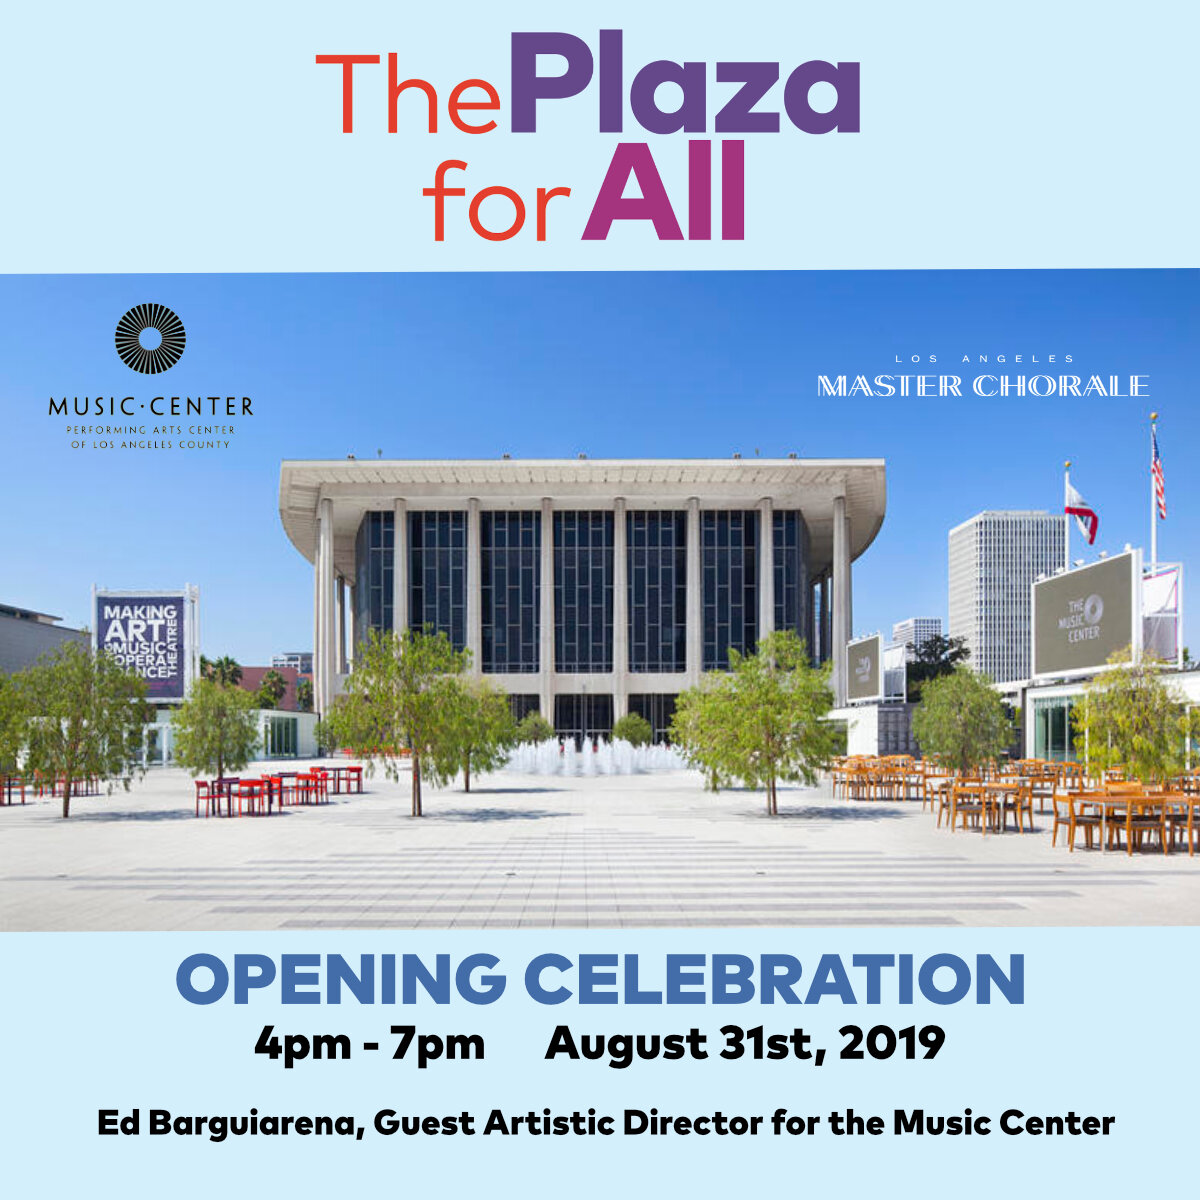 Plaza for All v2.jpg